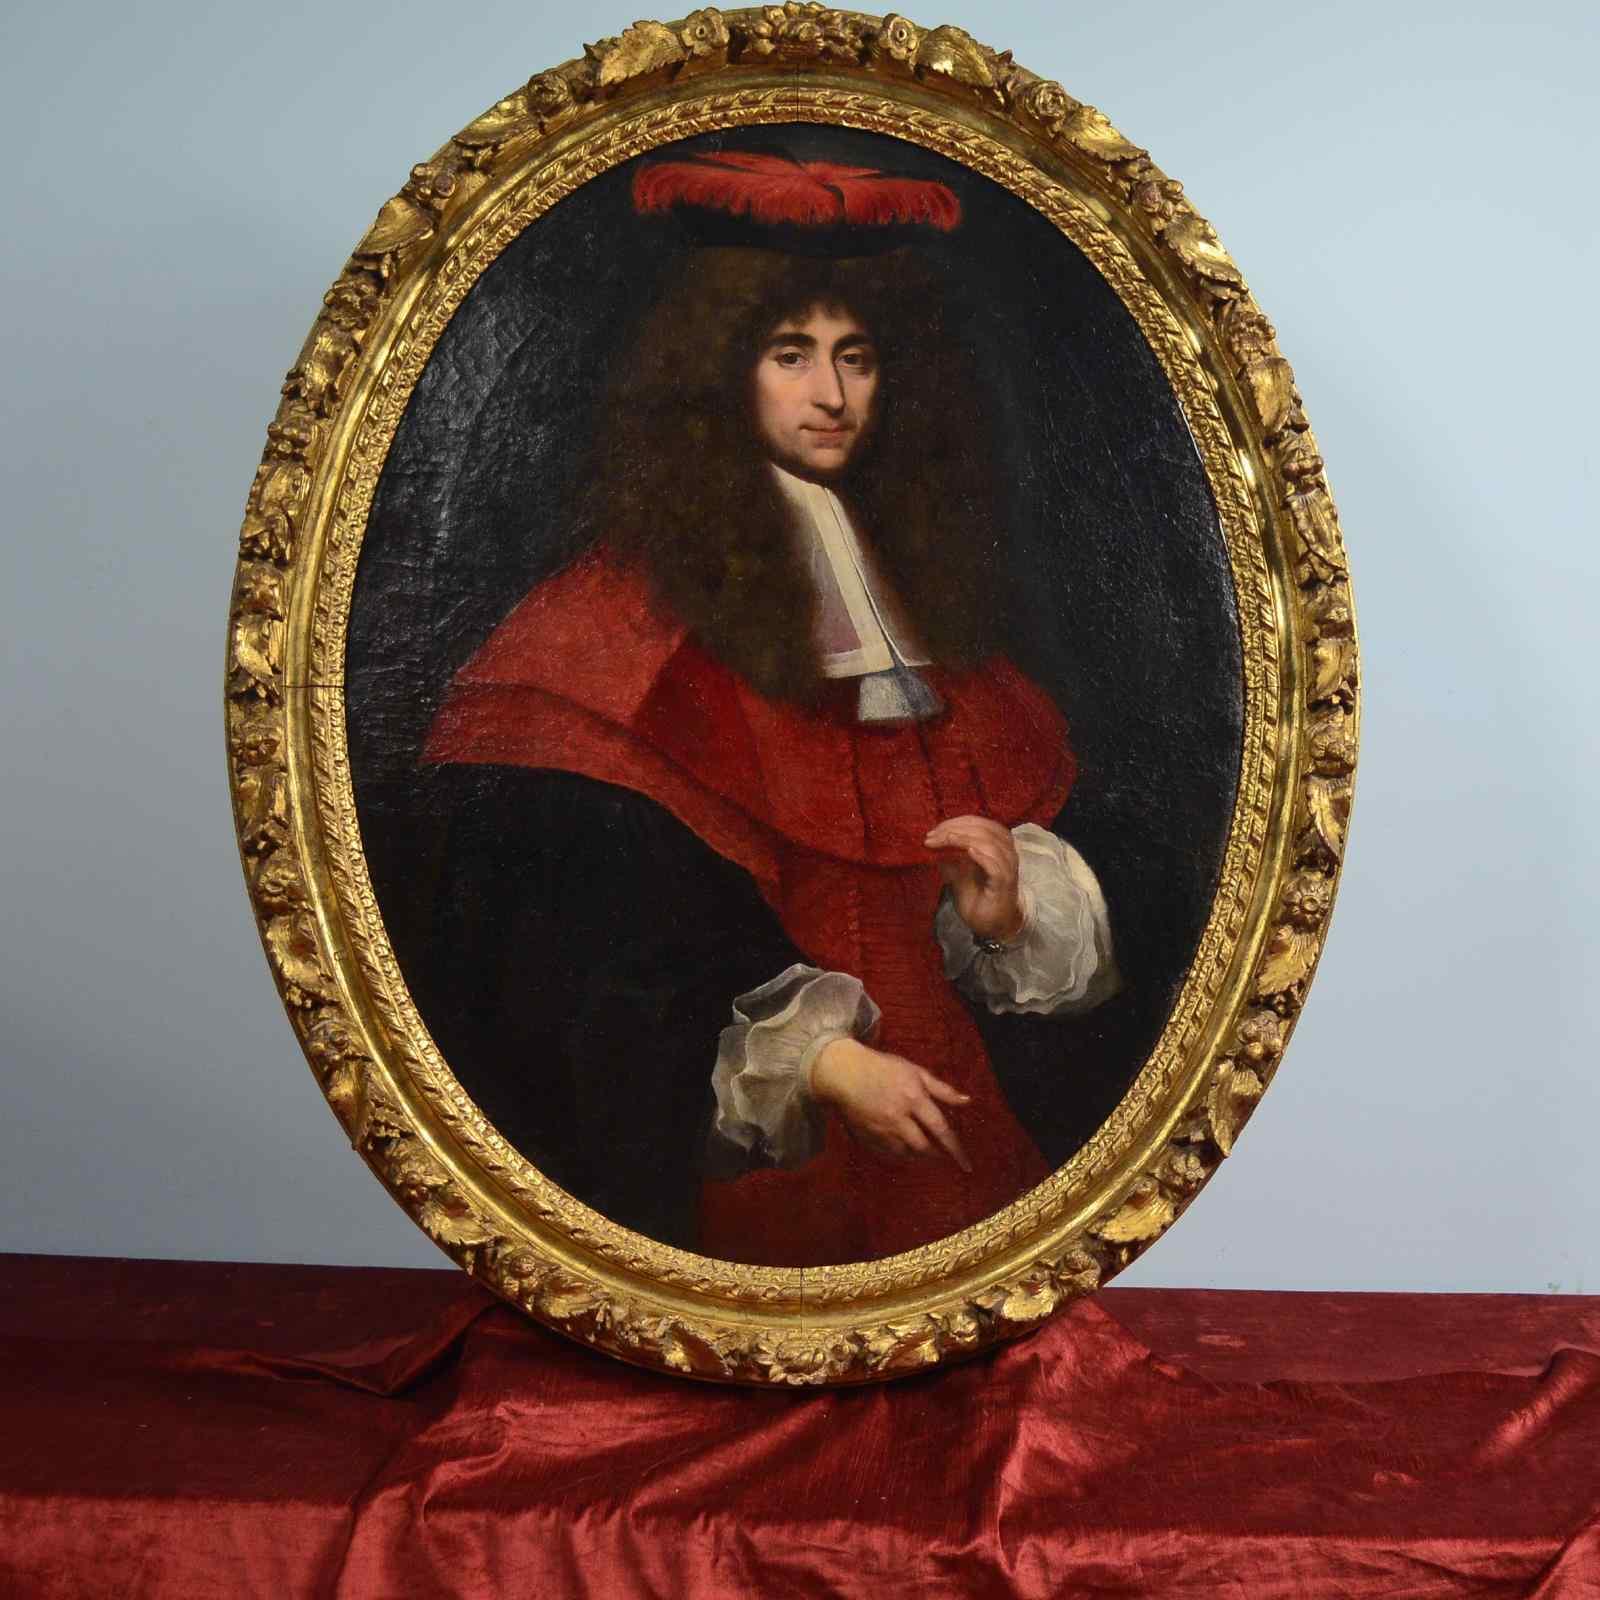 Grande ritratto del XVII secolo, Jean de TROY 1638 - 1691